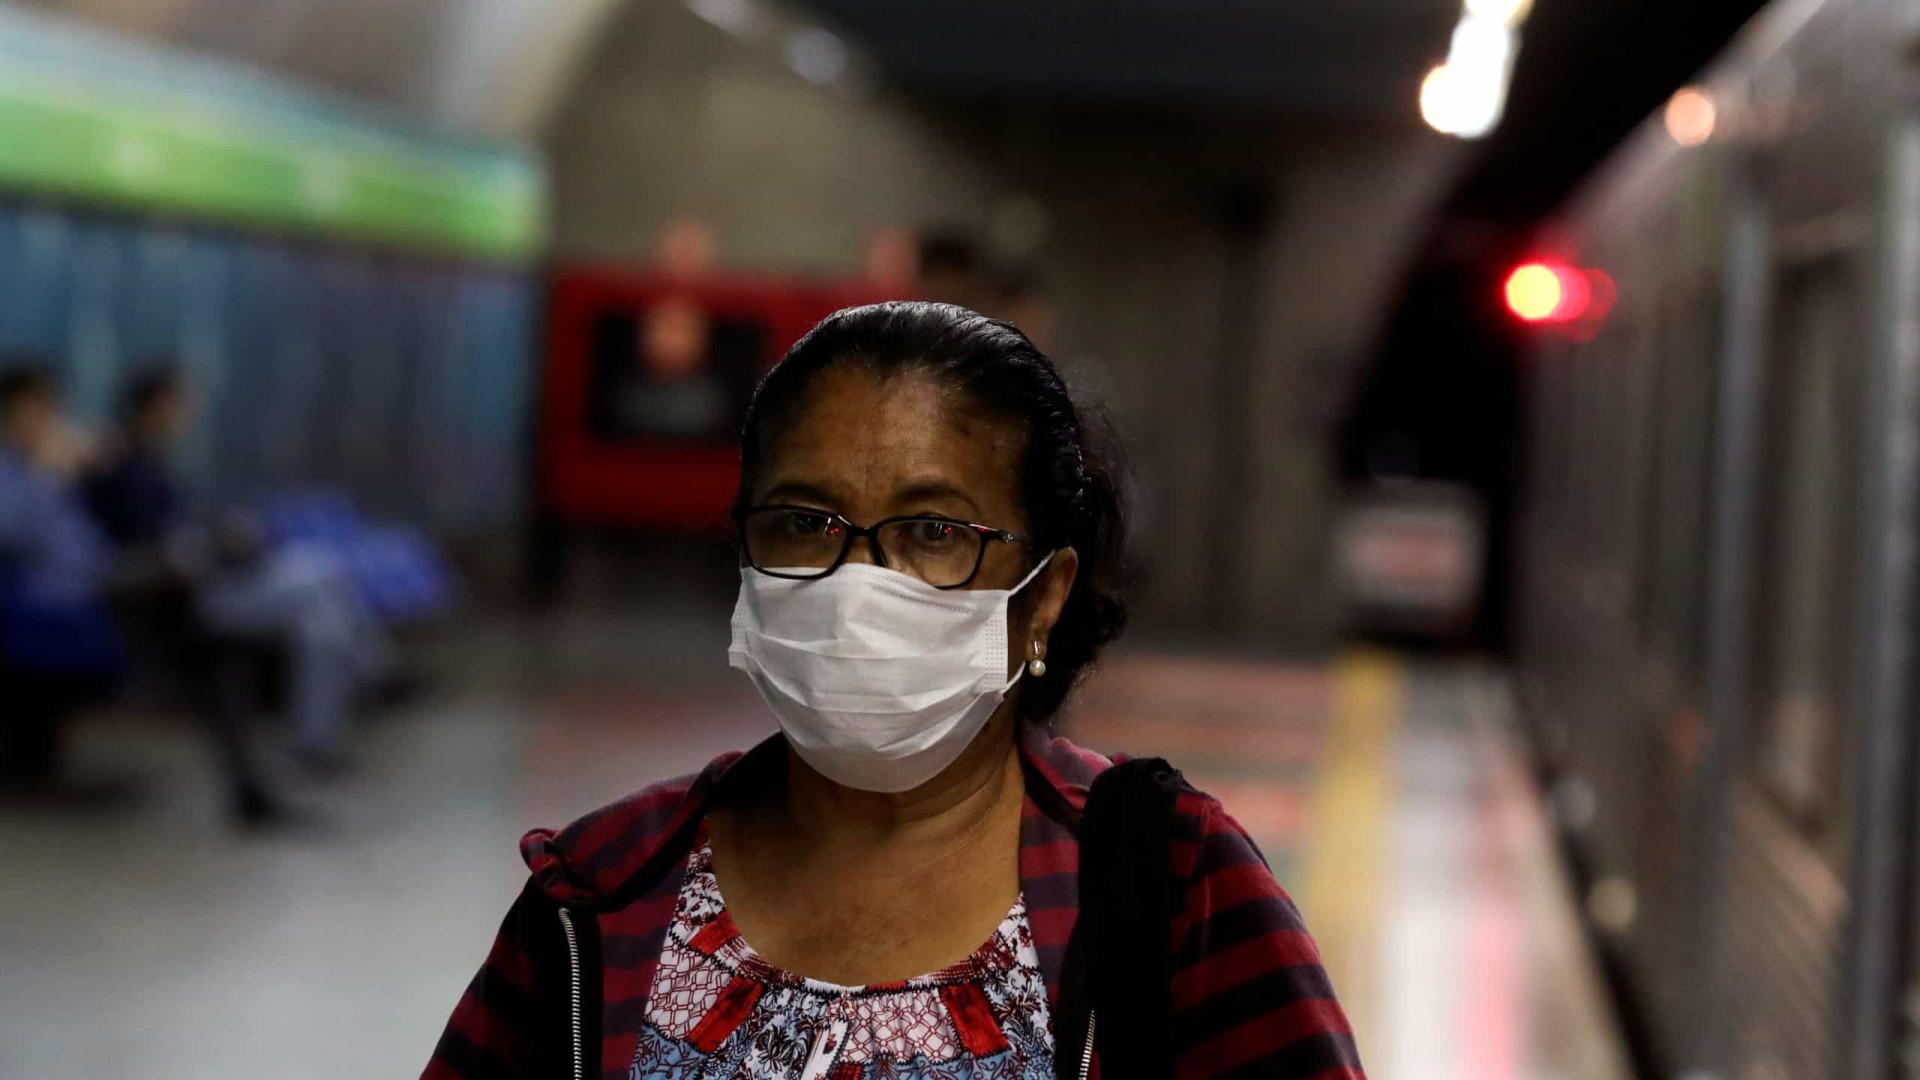 SP registra 487.654 casos de covid-19 e 21.676 mortes pela doença